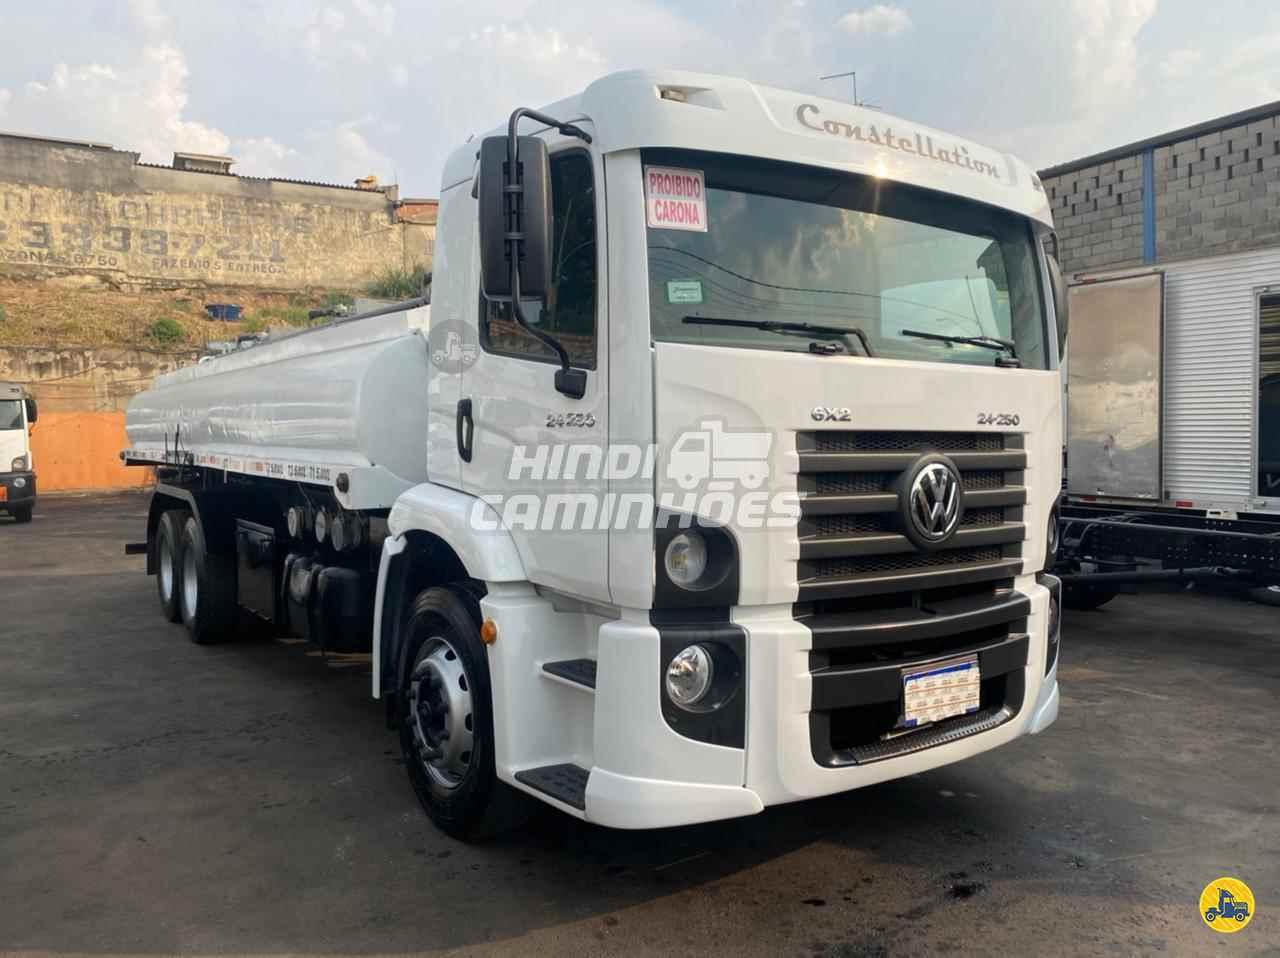 CAMINHAO VOLKSWAGEN VW 24250 Tanque Aço Truck 6x2 Hindi Caminhões CONTAGEM MINAS GERAIS MG